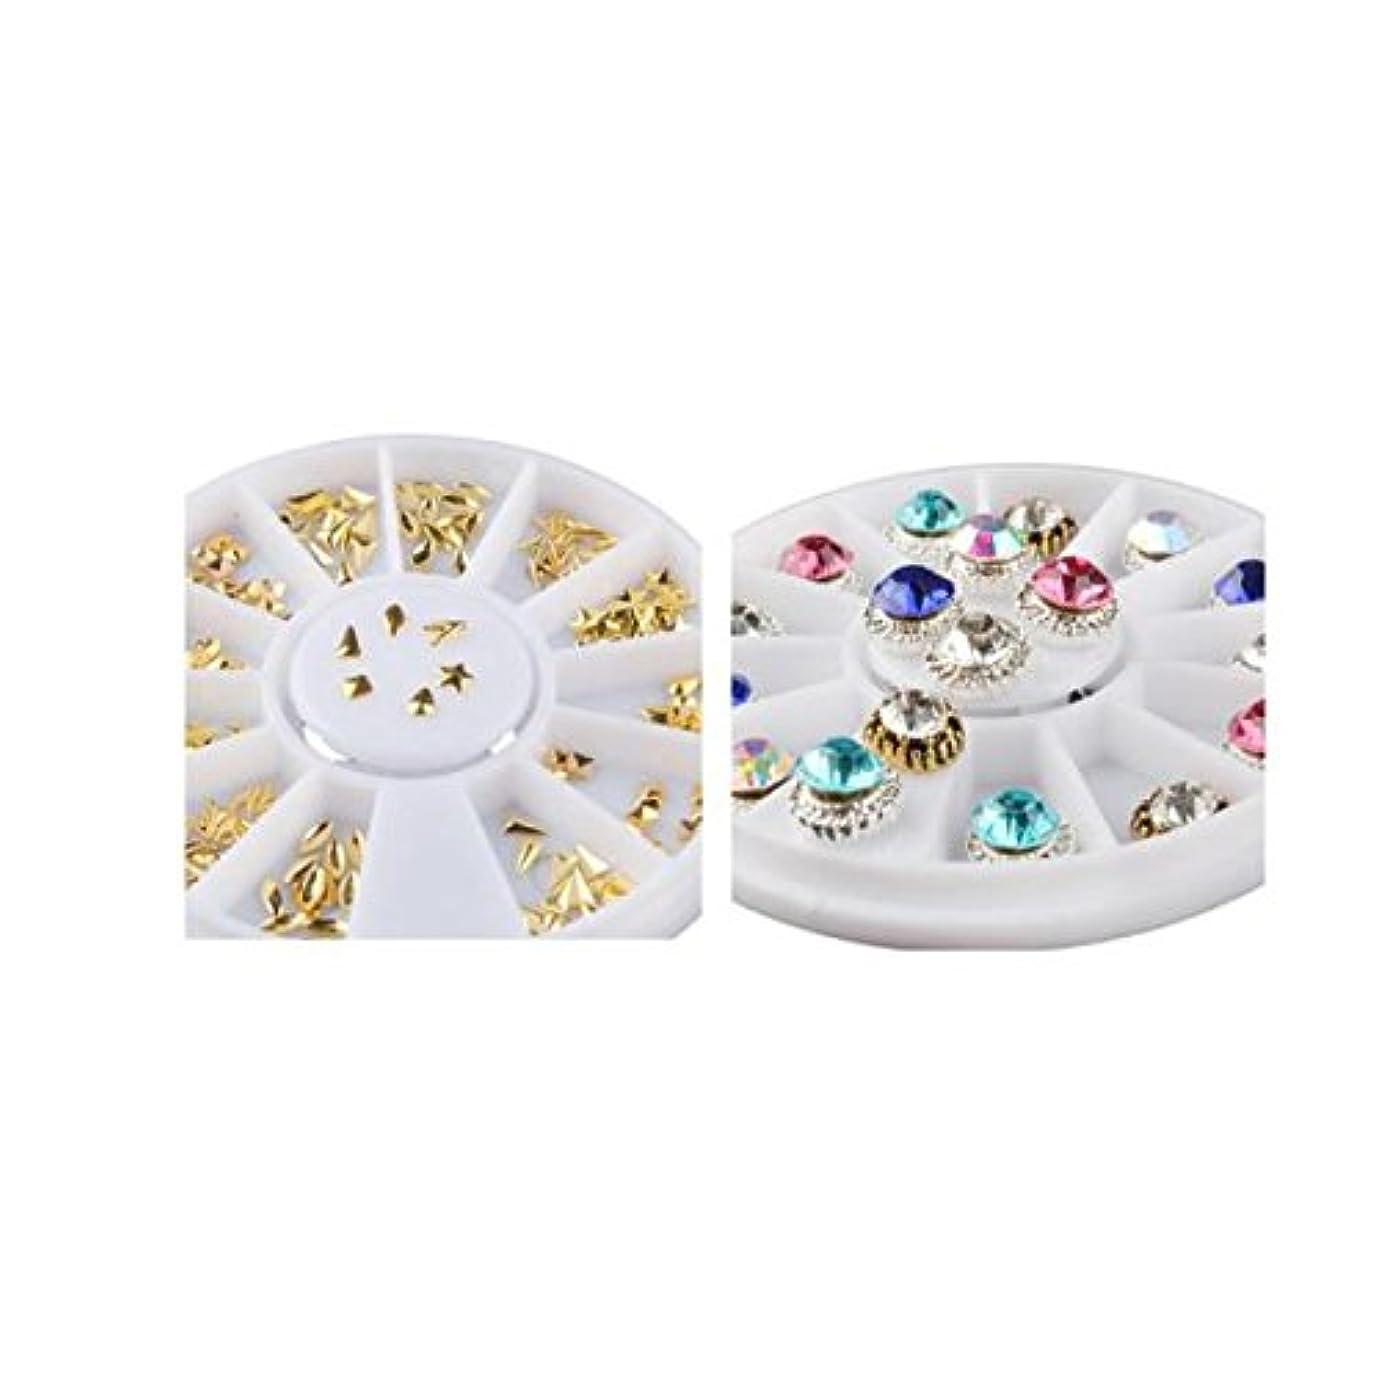 伝統引き金共和国CUTICATE 2セット3Dネイルアートクリスタル宝石類ラインストーンリベットスタッズミックスステッカーマニキュア